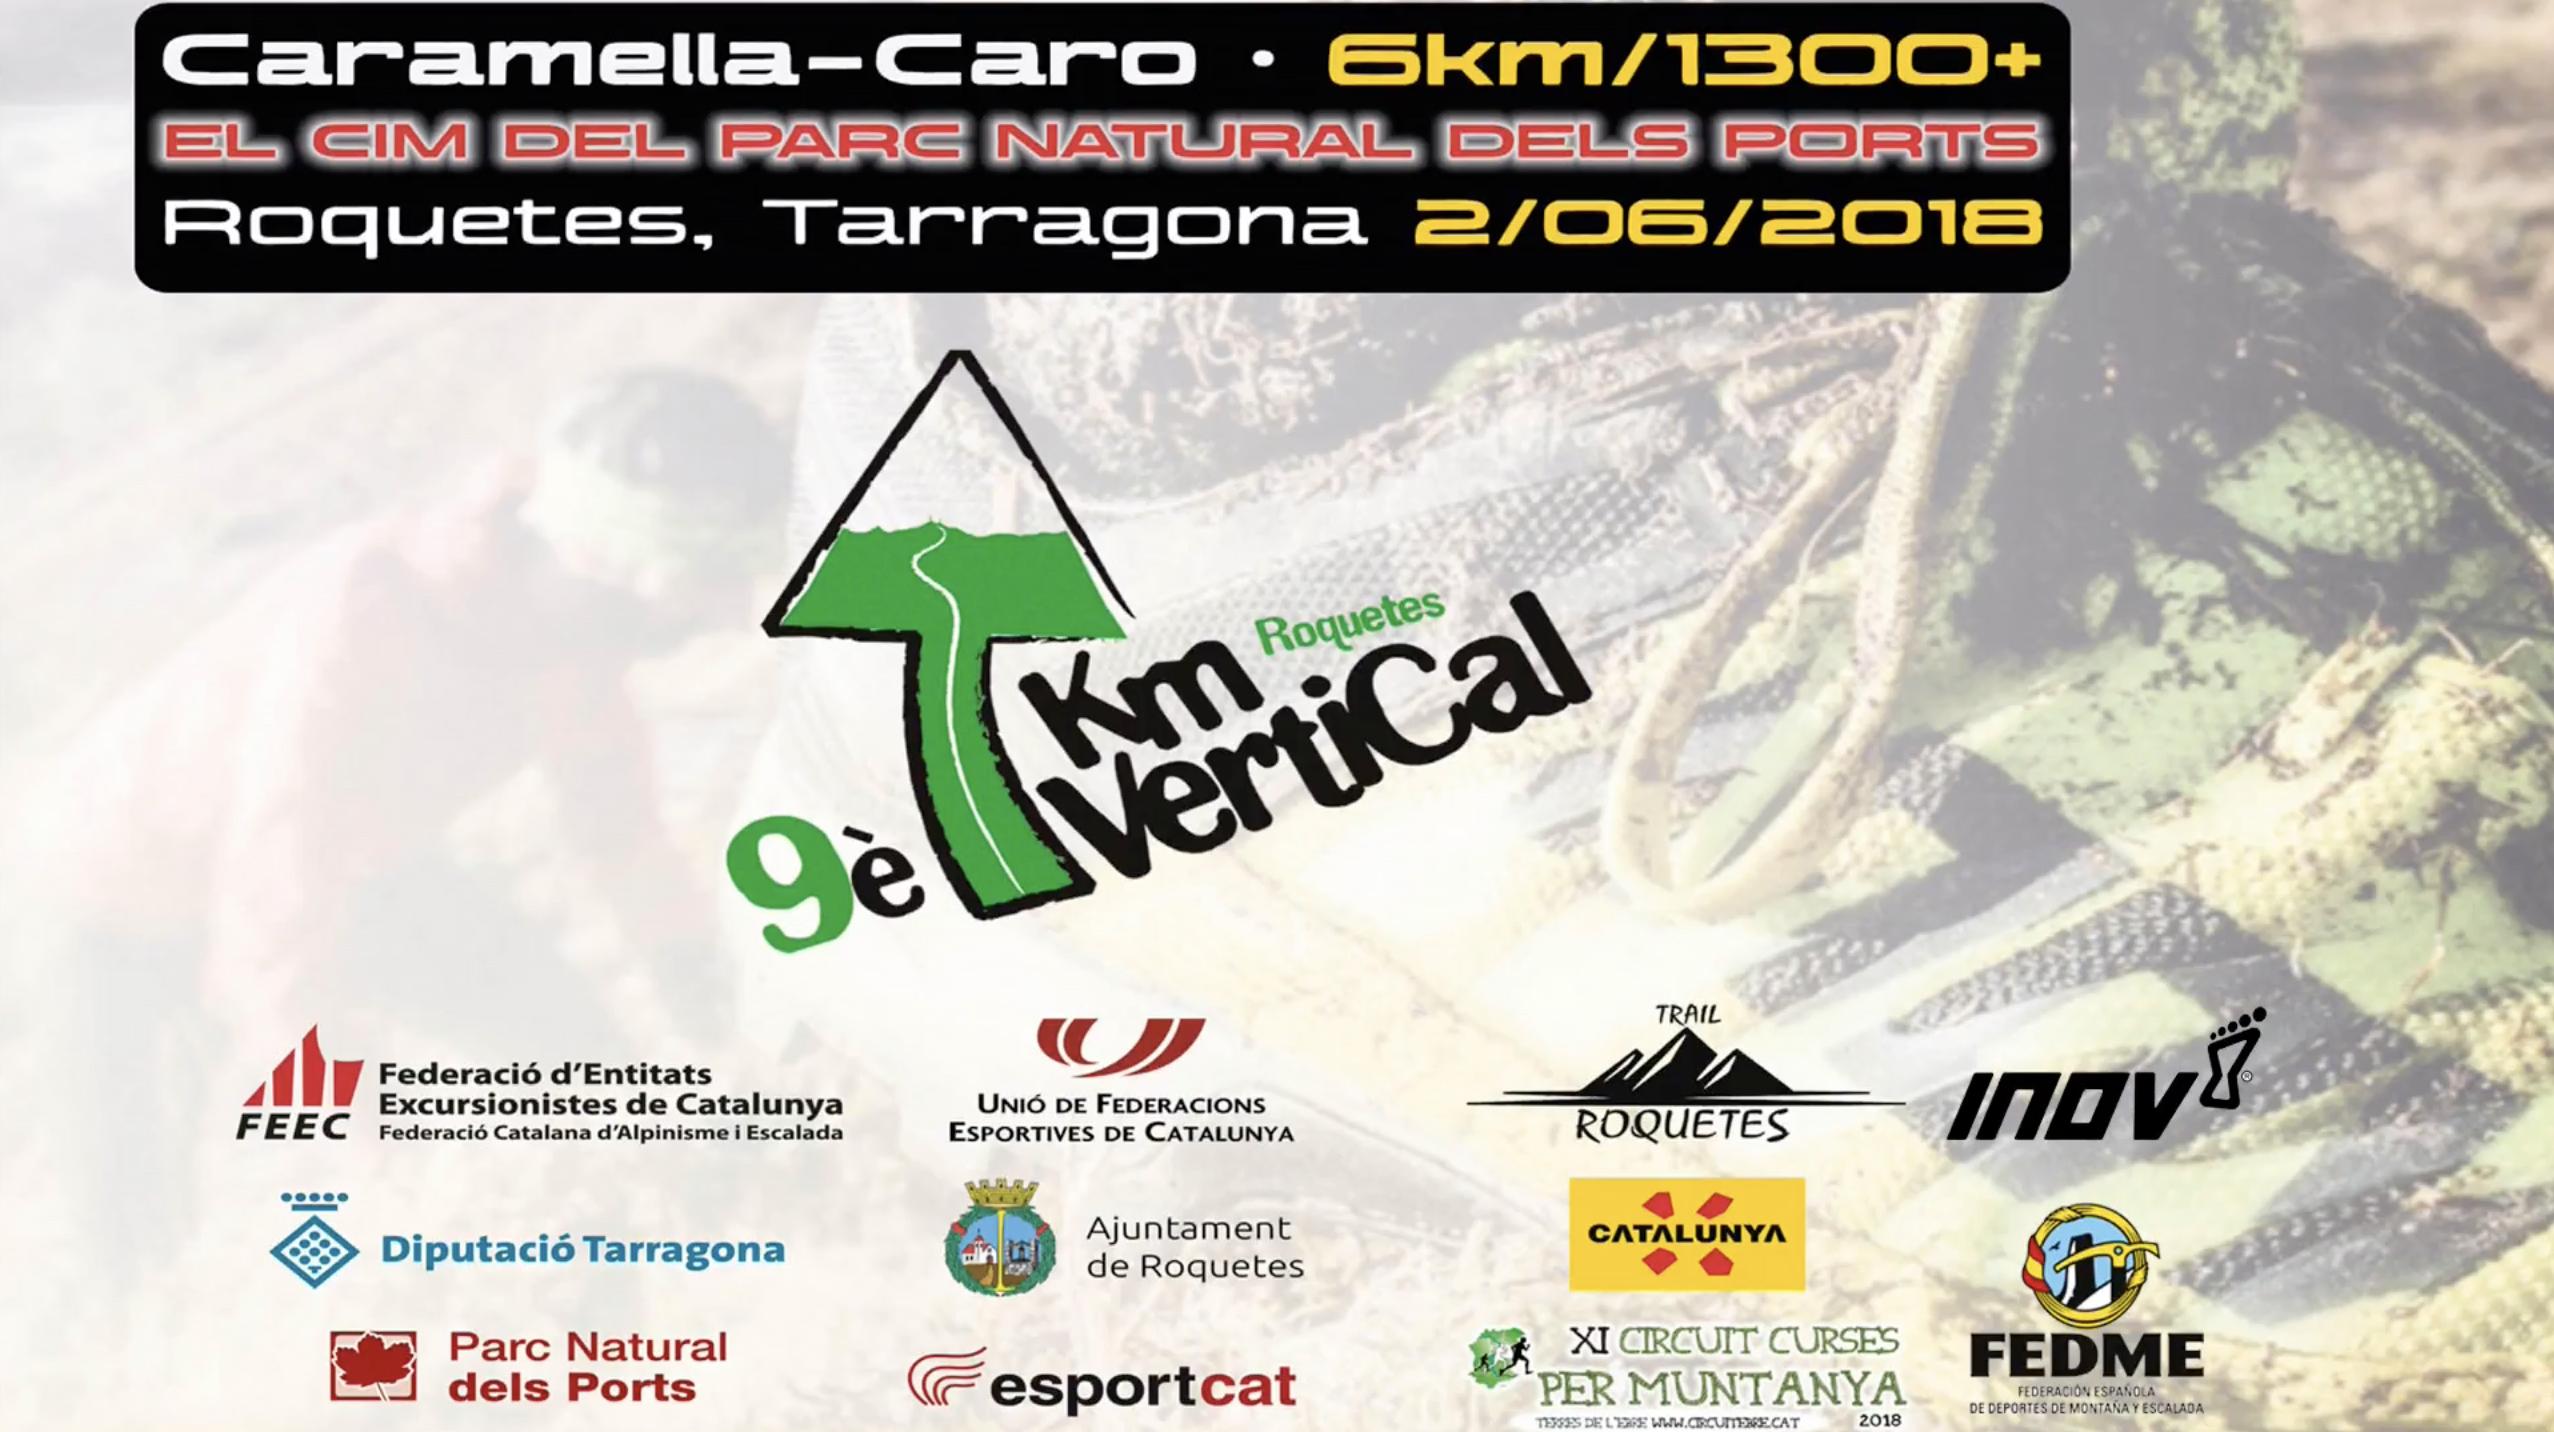 KV Roquetes, el Monte Caro como segunda parada de la Copa de España de Carreras por Montaña Verticales FEDME - Gran Premio Inov-8